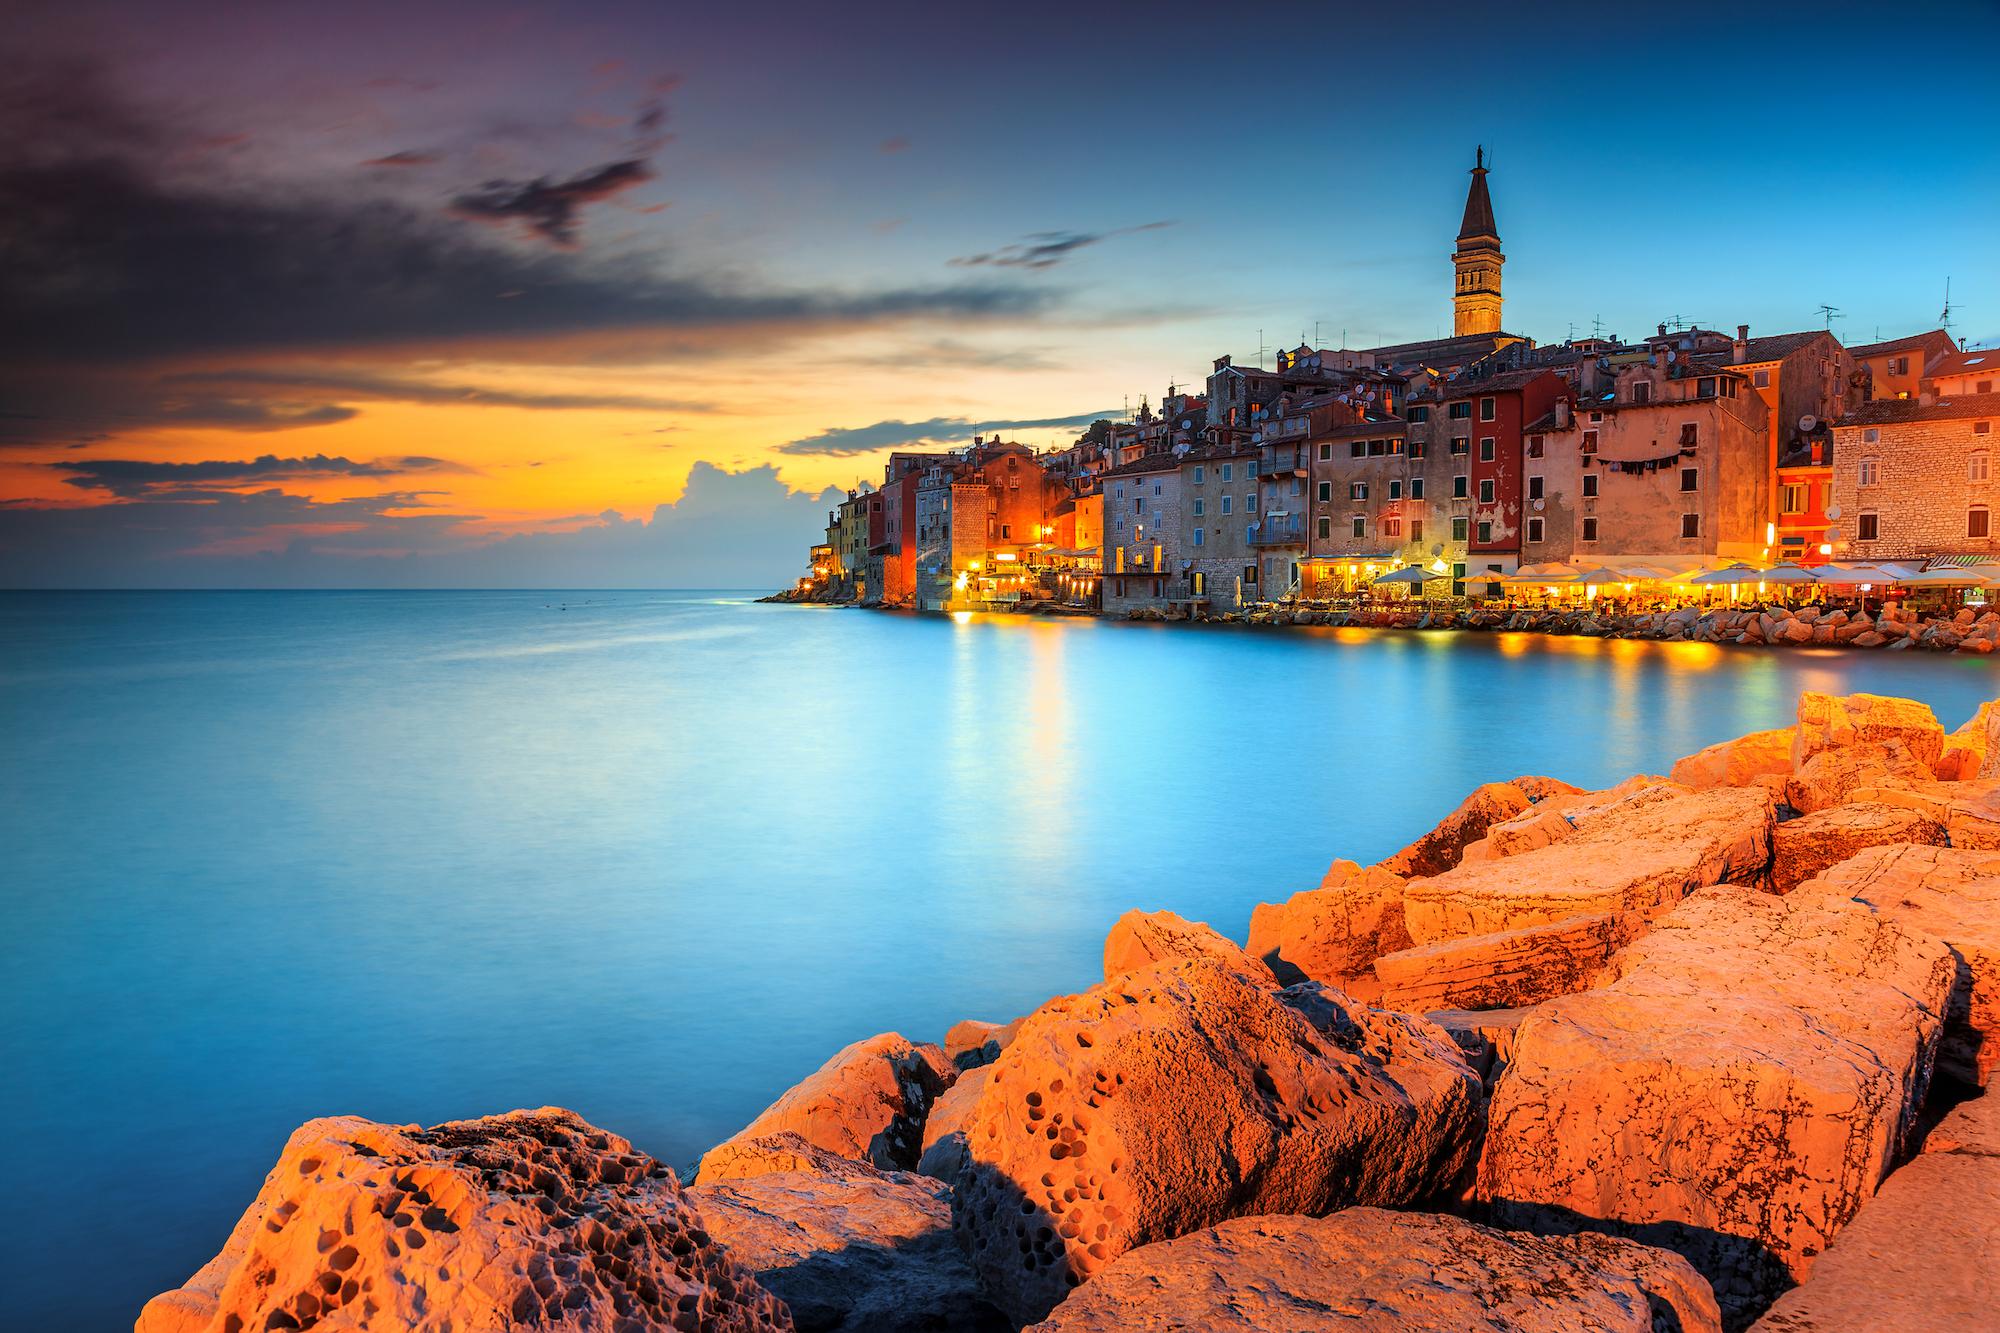 Master plan turističkog razvoja Istarske županije do 2025. godine s operativnim marketing planom do 2018. godine